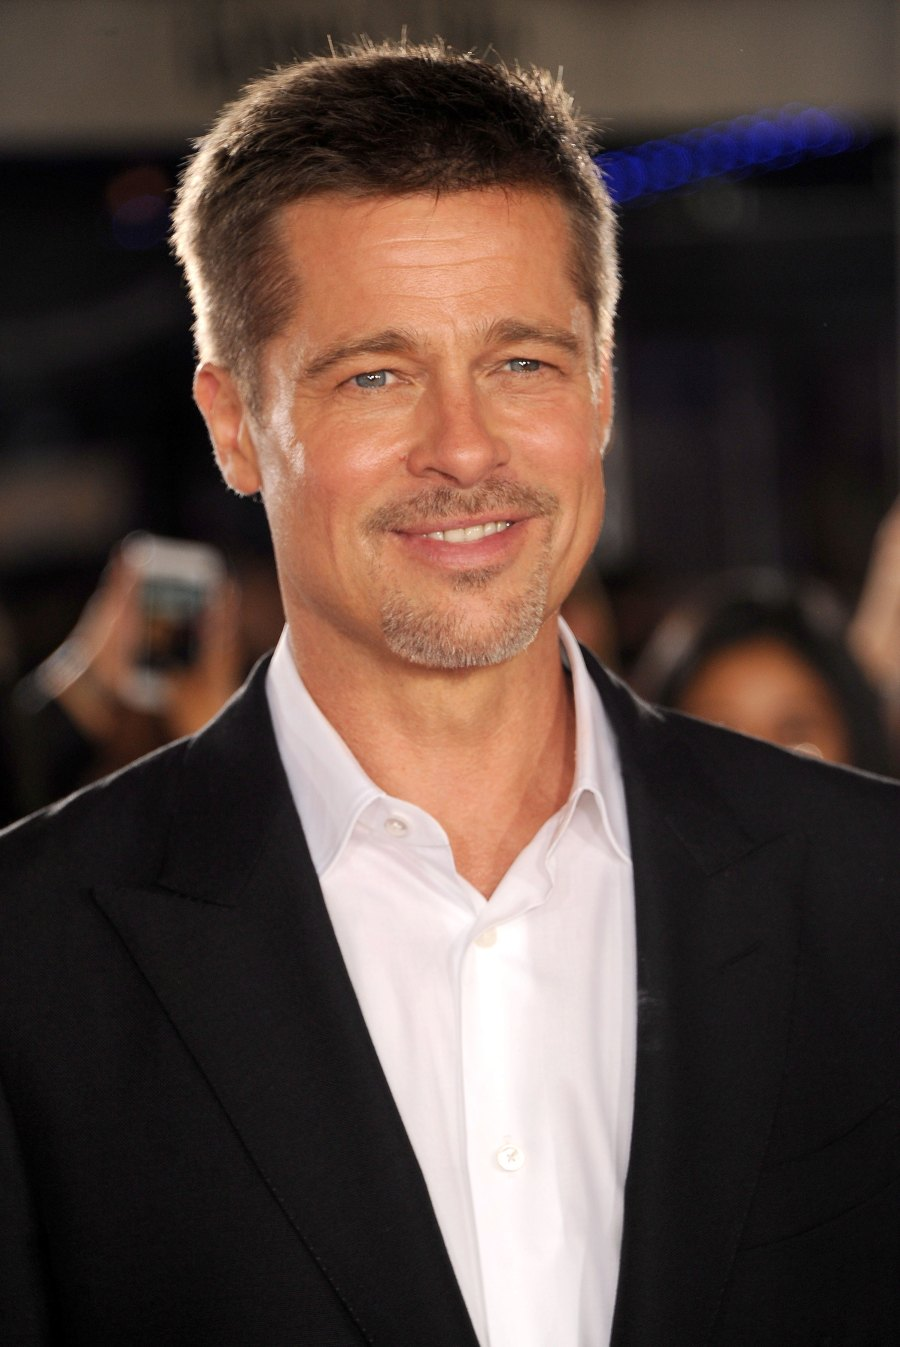 Brad Pitt Sober